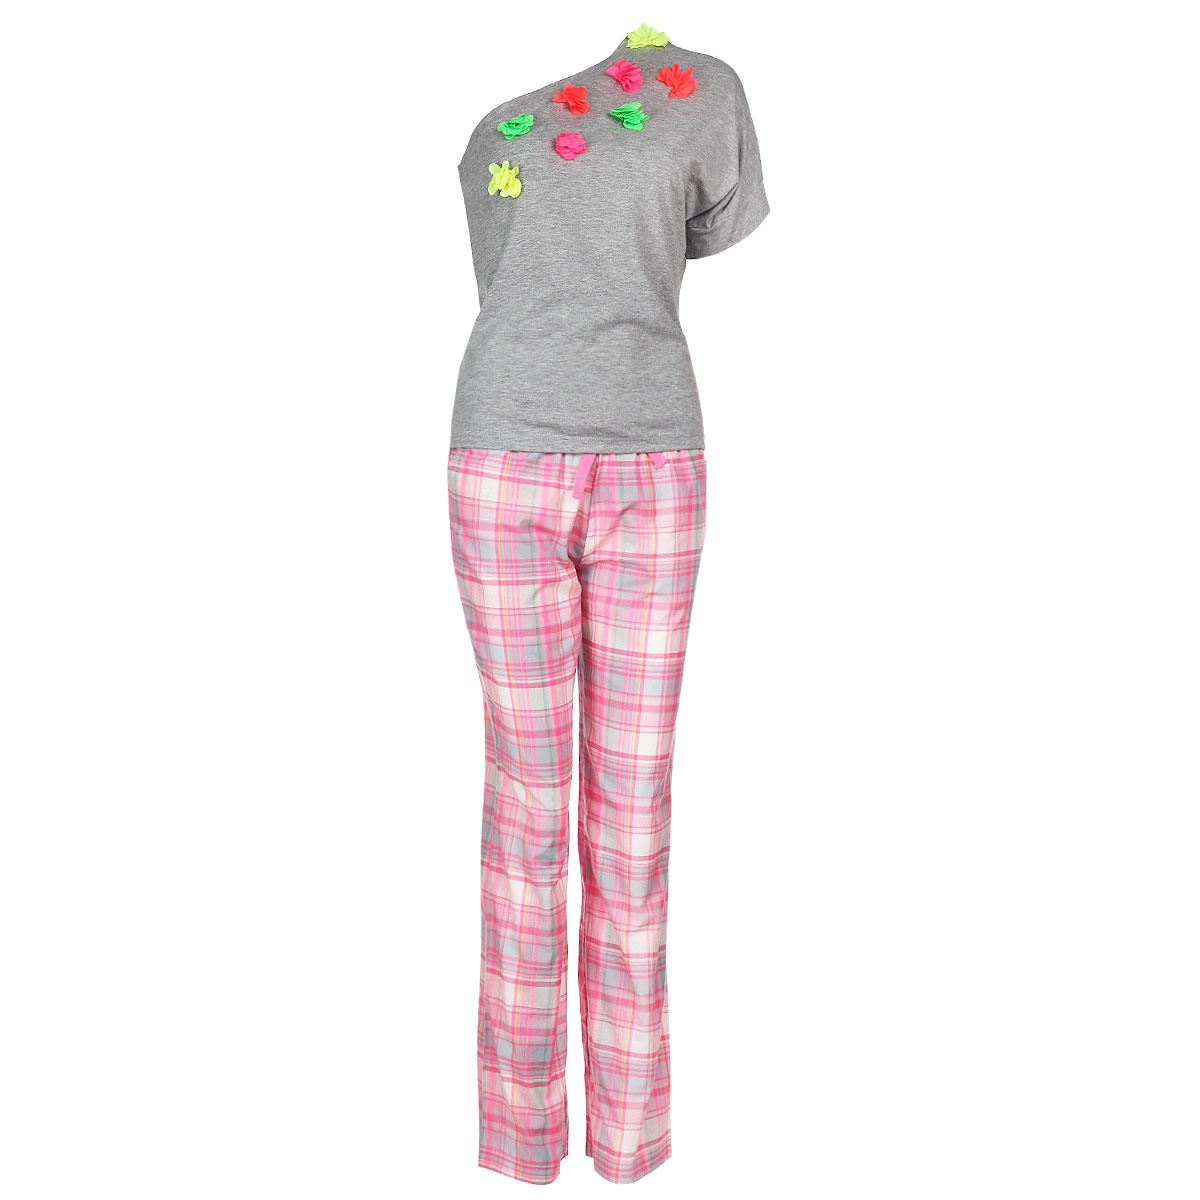 Пижама женская Milana Style, цвет: серый, розовый. 6250. Размер XL (50)6250Женская пижама Milana Style состоит из футболки с коротким рукавом и брюк. Пижама выполнена из приятного на ощупь хлопкового материала. Футболка и брюки не сковывают движения и позволяют коже дышать. Футболка свободного кроя с ассиметричным вырезом на одно плечо спереди оформлена аппликацией в виде ярких текстильных цветов. Прямые свободные брюки на широкой эластичной резинке оформлены клетчатым принтом, на талии дополнены затягивающимся шнурком и по бокам имеют два втачных кармана с косыми срезами. Идеальные конструкции и приятное цветовое решение - отличный выбор на каждый день. В такой пижаме вам будет максимально комфортно и уютно.